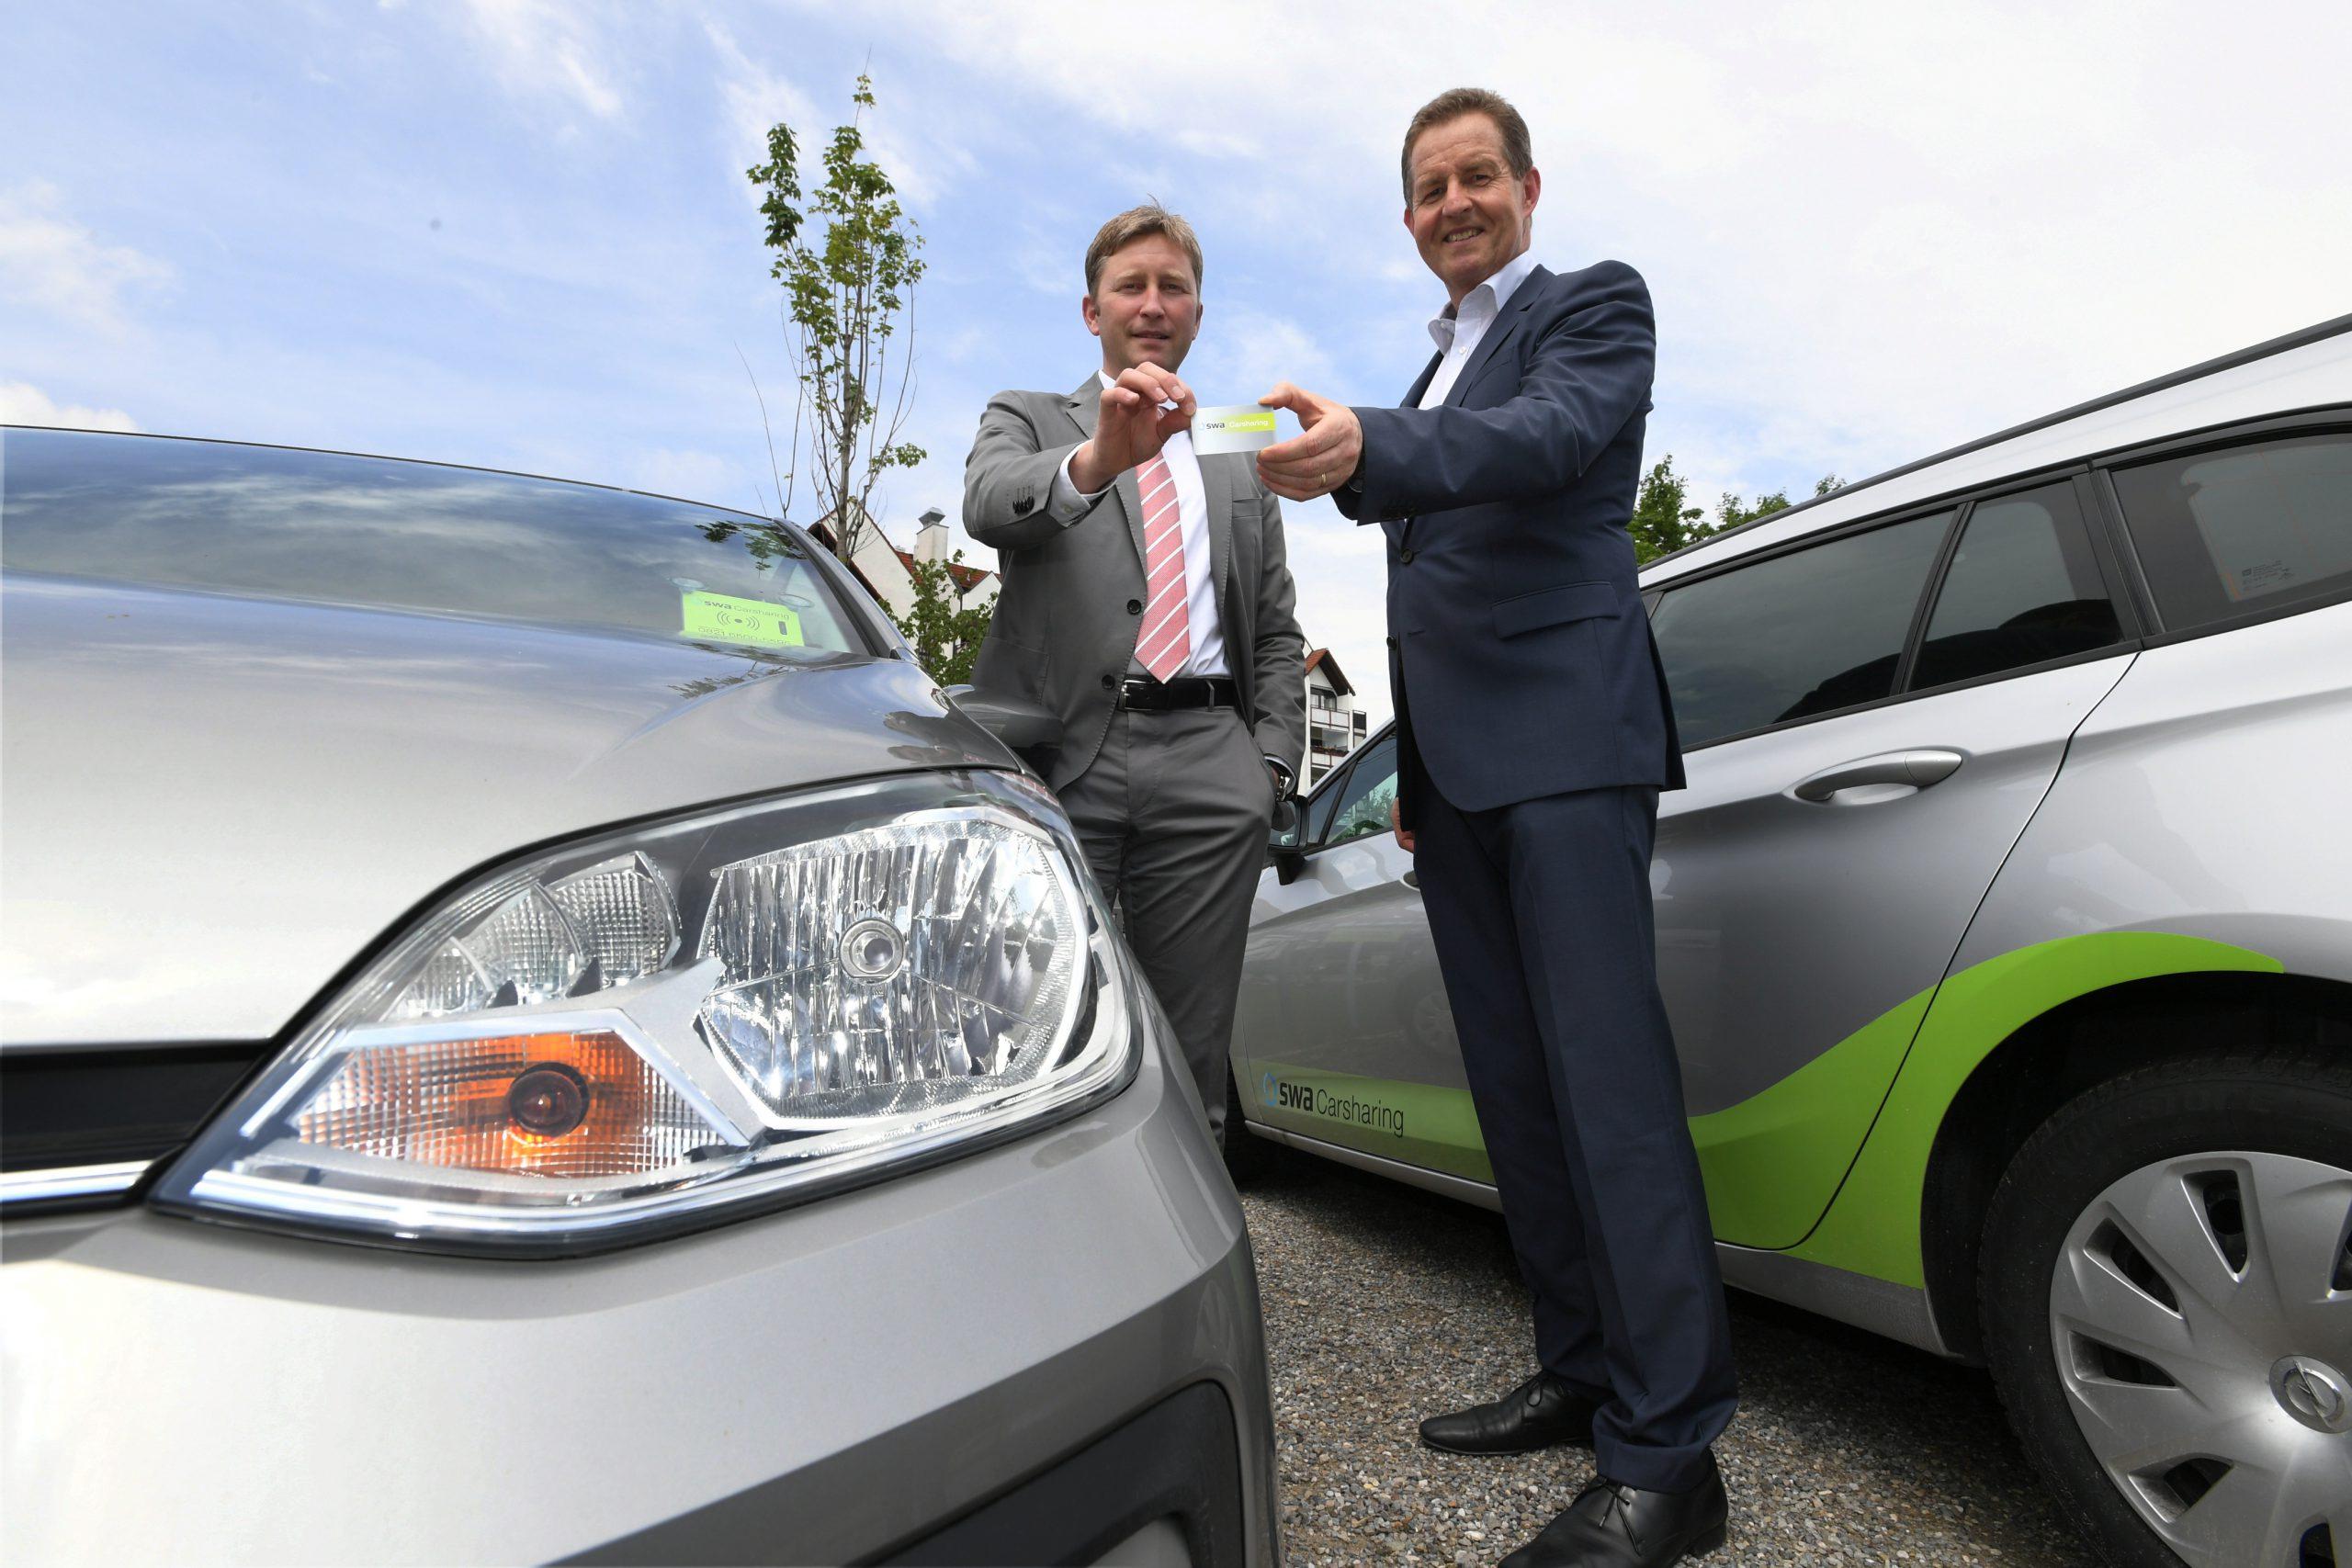 SWA Carsharing in Neusäß / 2 Autos für Carsharing  stehen am Volksfestplatz in Neusäß bereit. / im Bild v.l. Bürgermeister Richard Greiner und SWA - Chef Dr. Walter Casazza